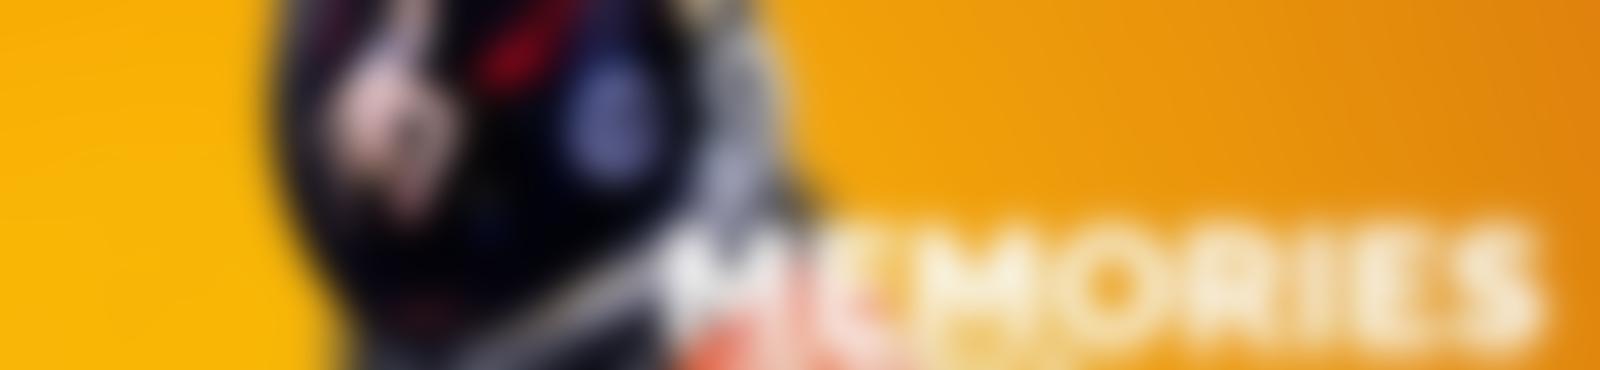 Blurred 1c2e1dc7 6c2a 4601 b3b7 fc3a16796de8